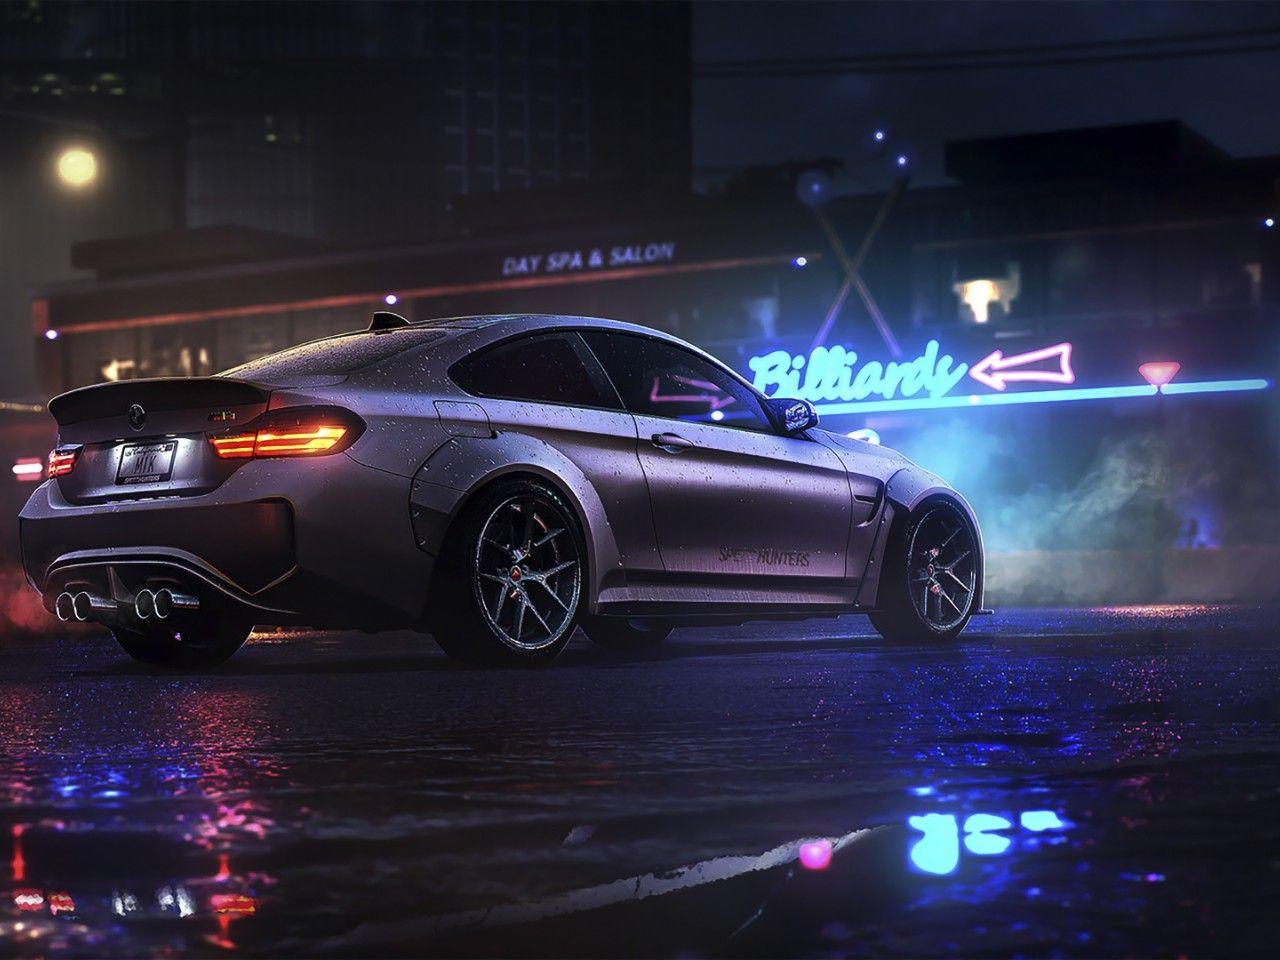 Download Wallpaper Bmw M4 Sport Car Rain Dark Night